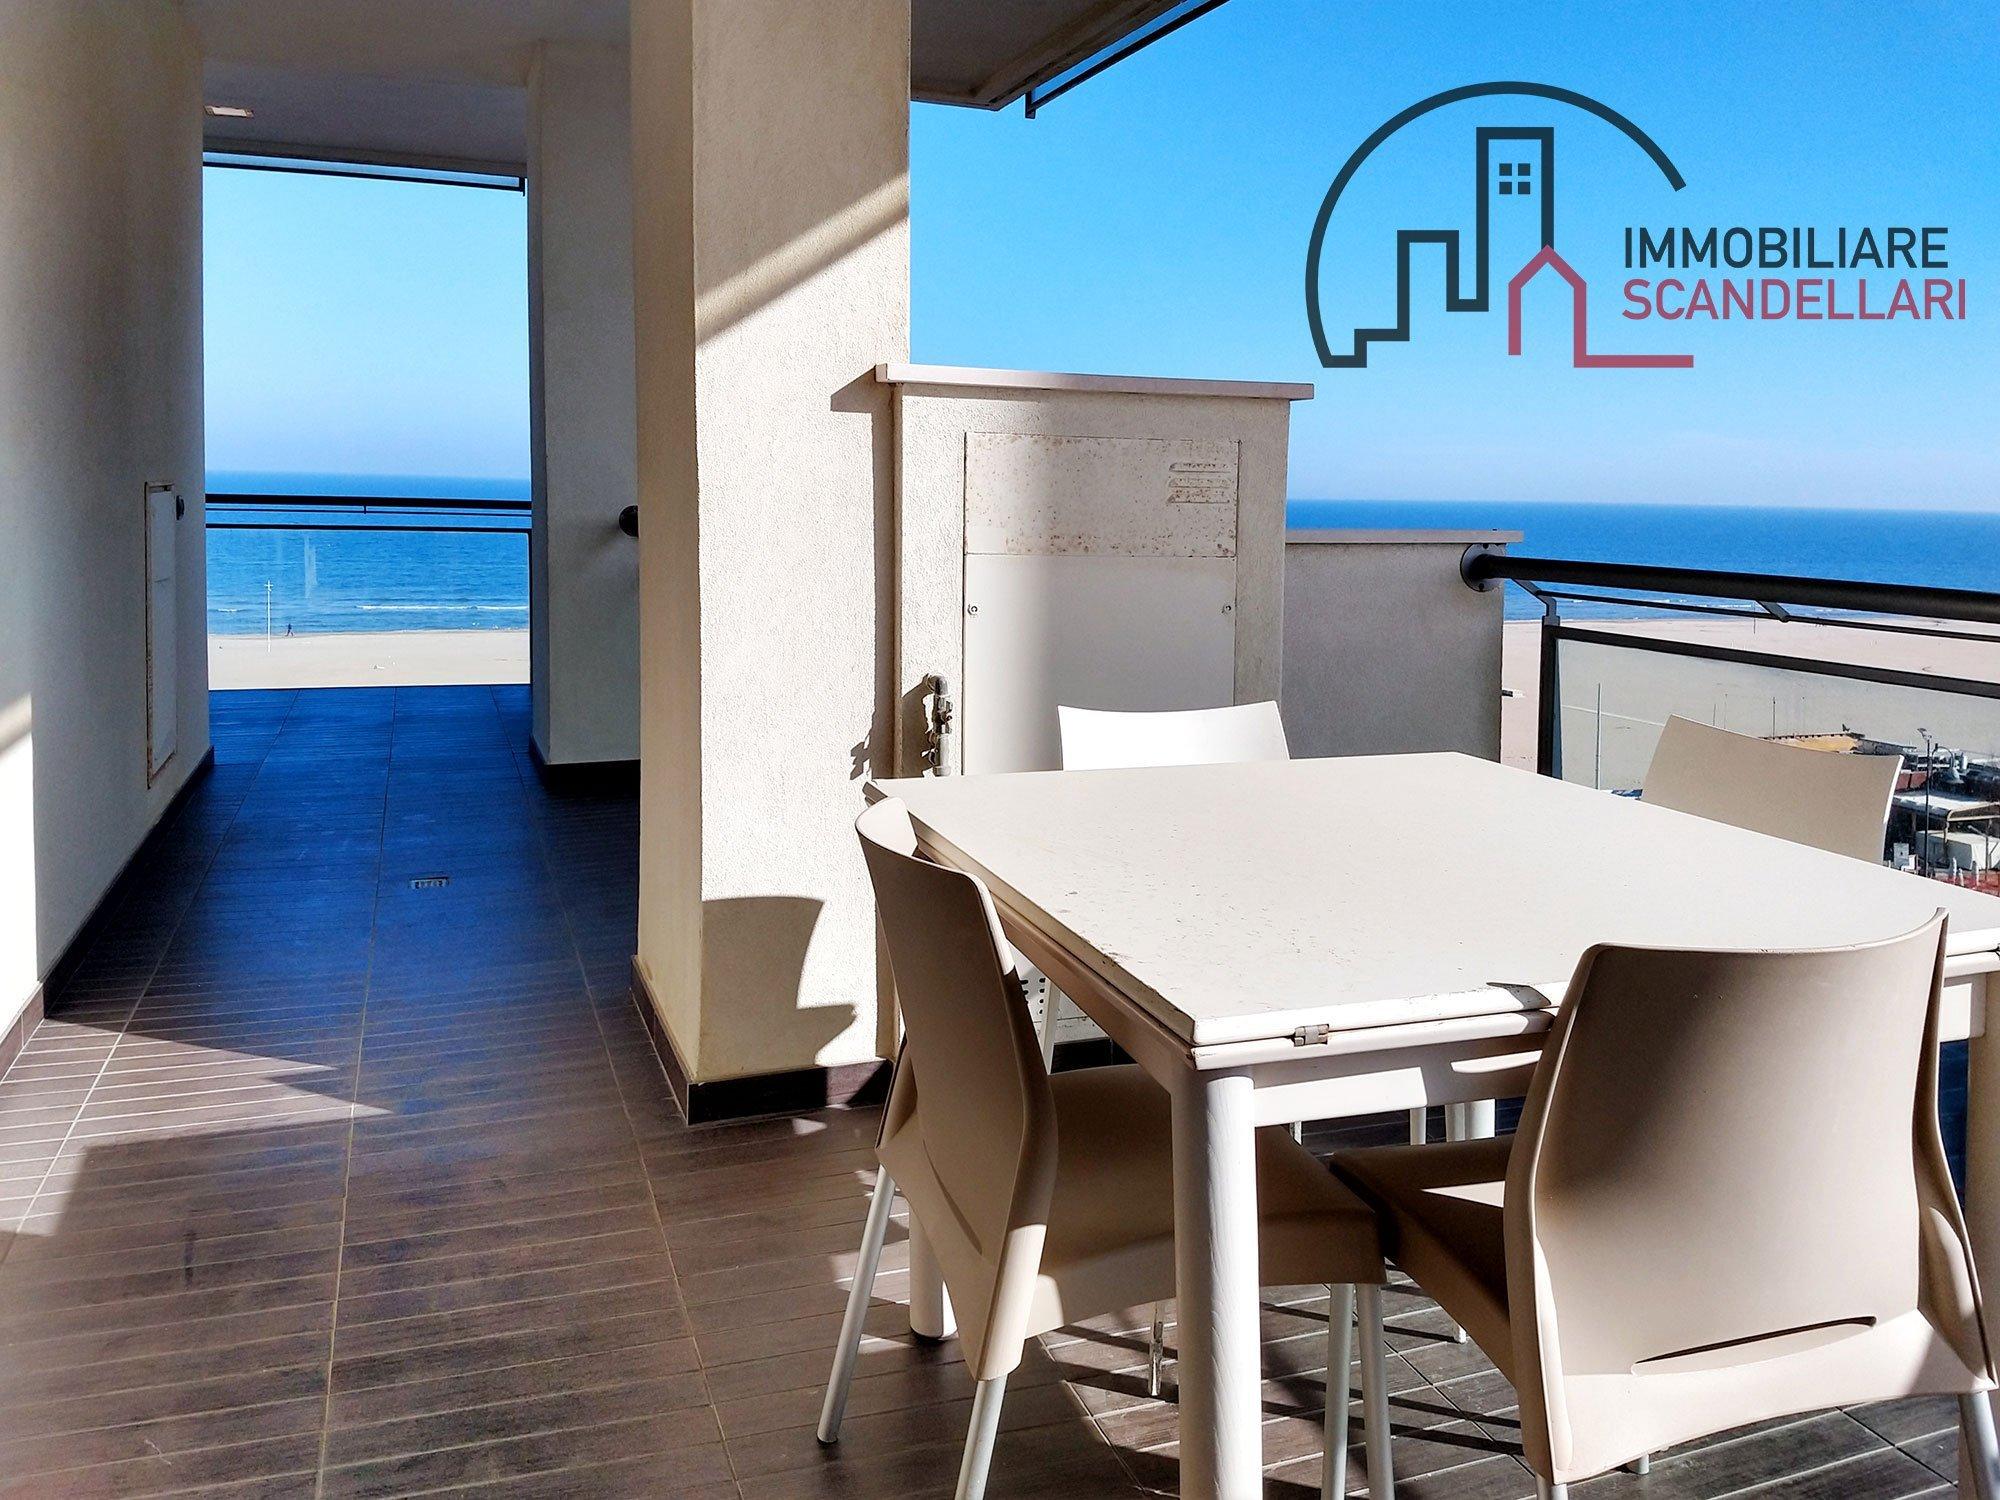 Rimini - Miramare - Bilocale nuovo fronte mare - Immobiliare Scandellari